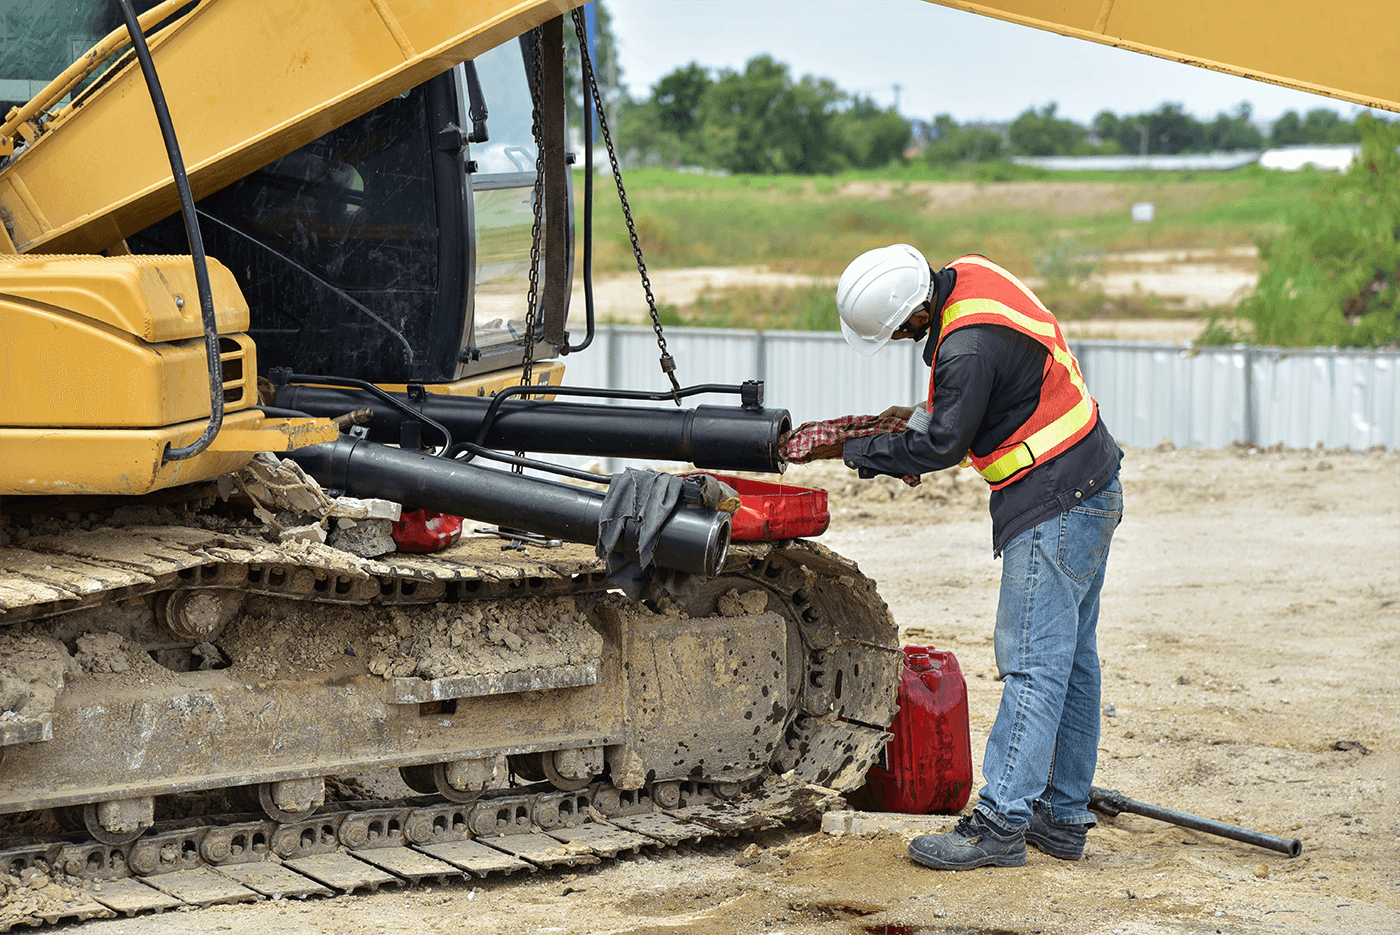 Equipment maintenance benefits